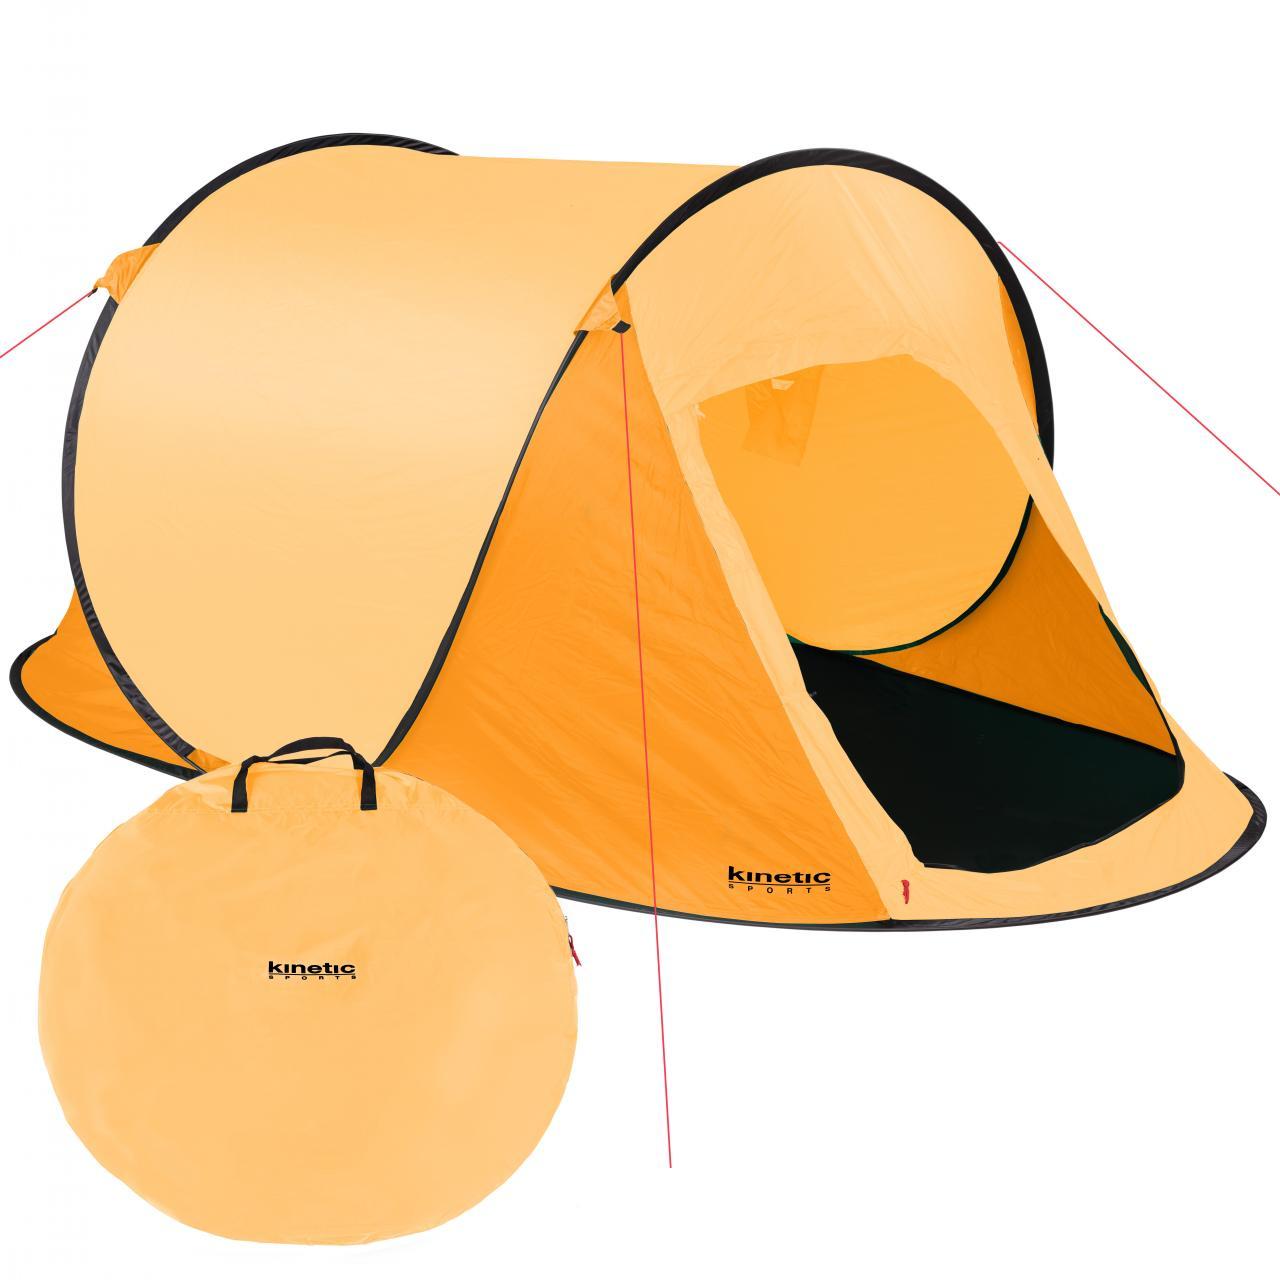 Wurfzelt-Pop-Up-Zelt-2-Personen-Trekkingzelt-Sekundenzelt-Automatikzelt-Camping